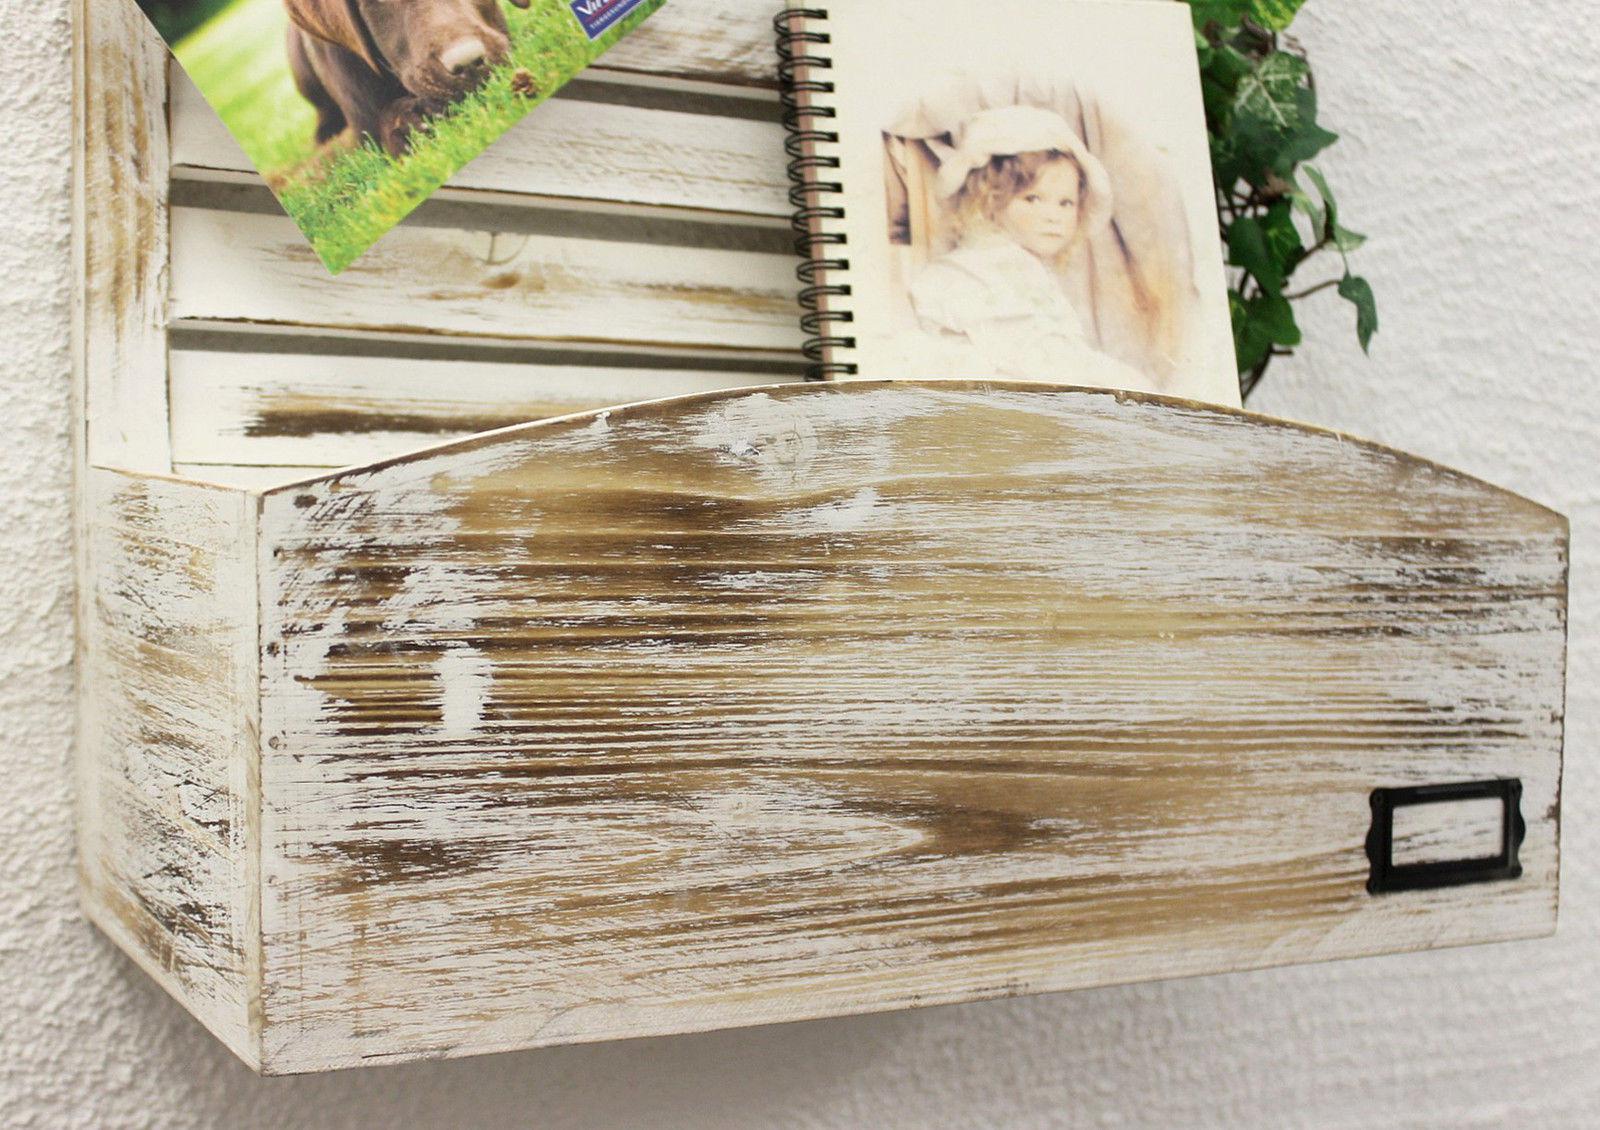 Memoboard mit briefablage yx 14b415 pinnwand 65 cm wandregal memotafel shabby ebay - Pinnwand mit ablage ...